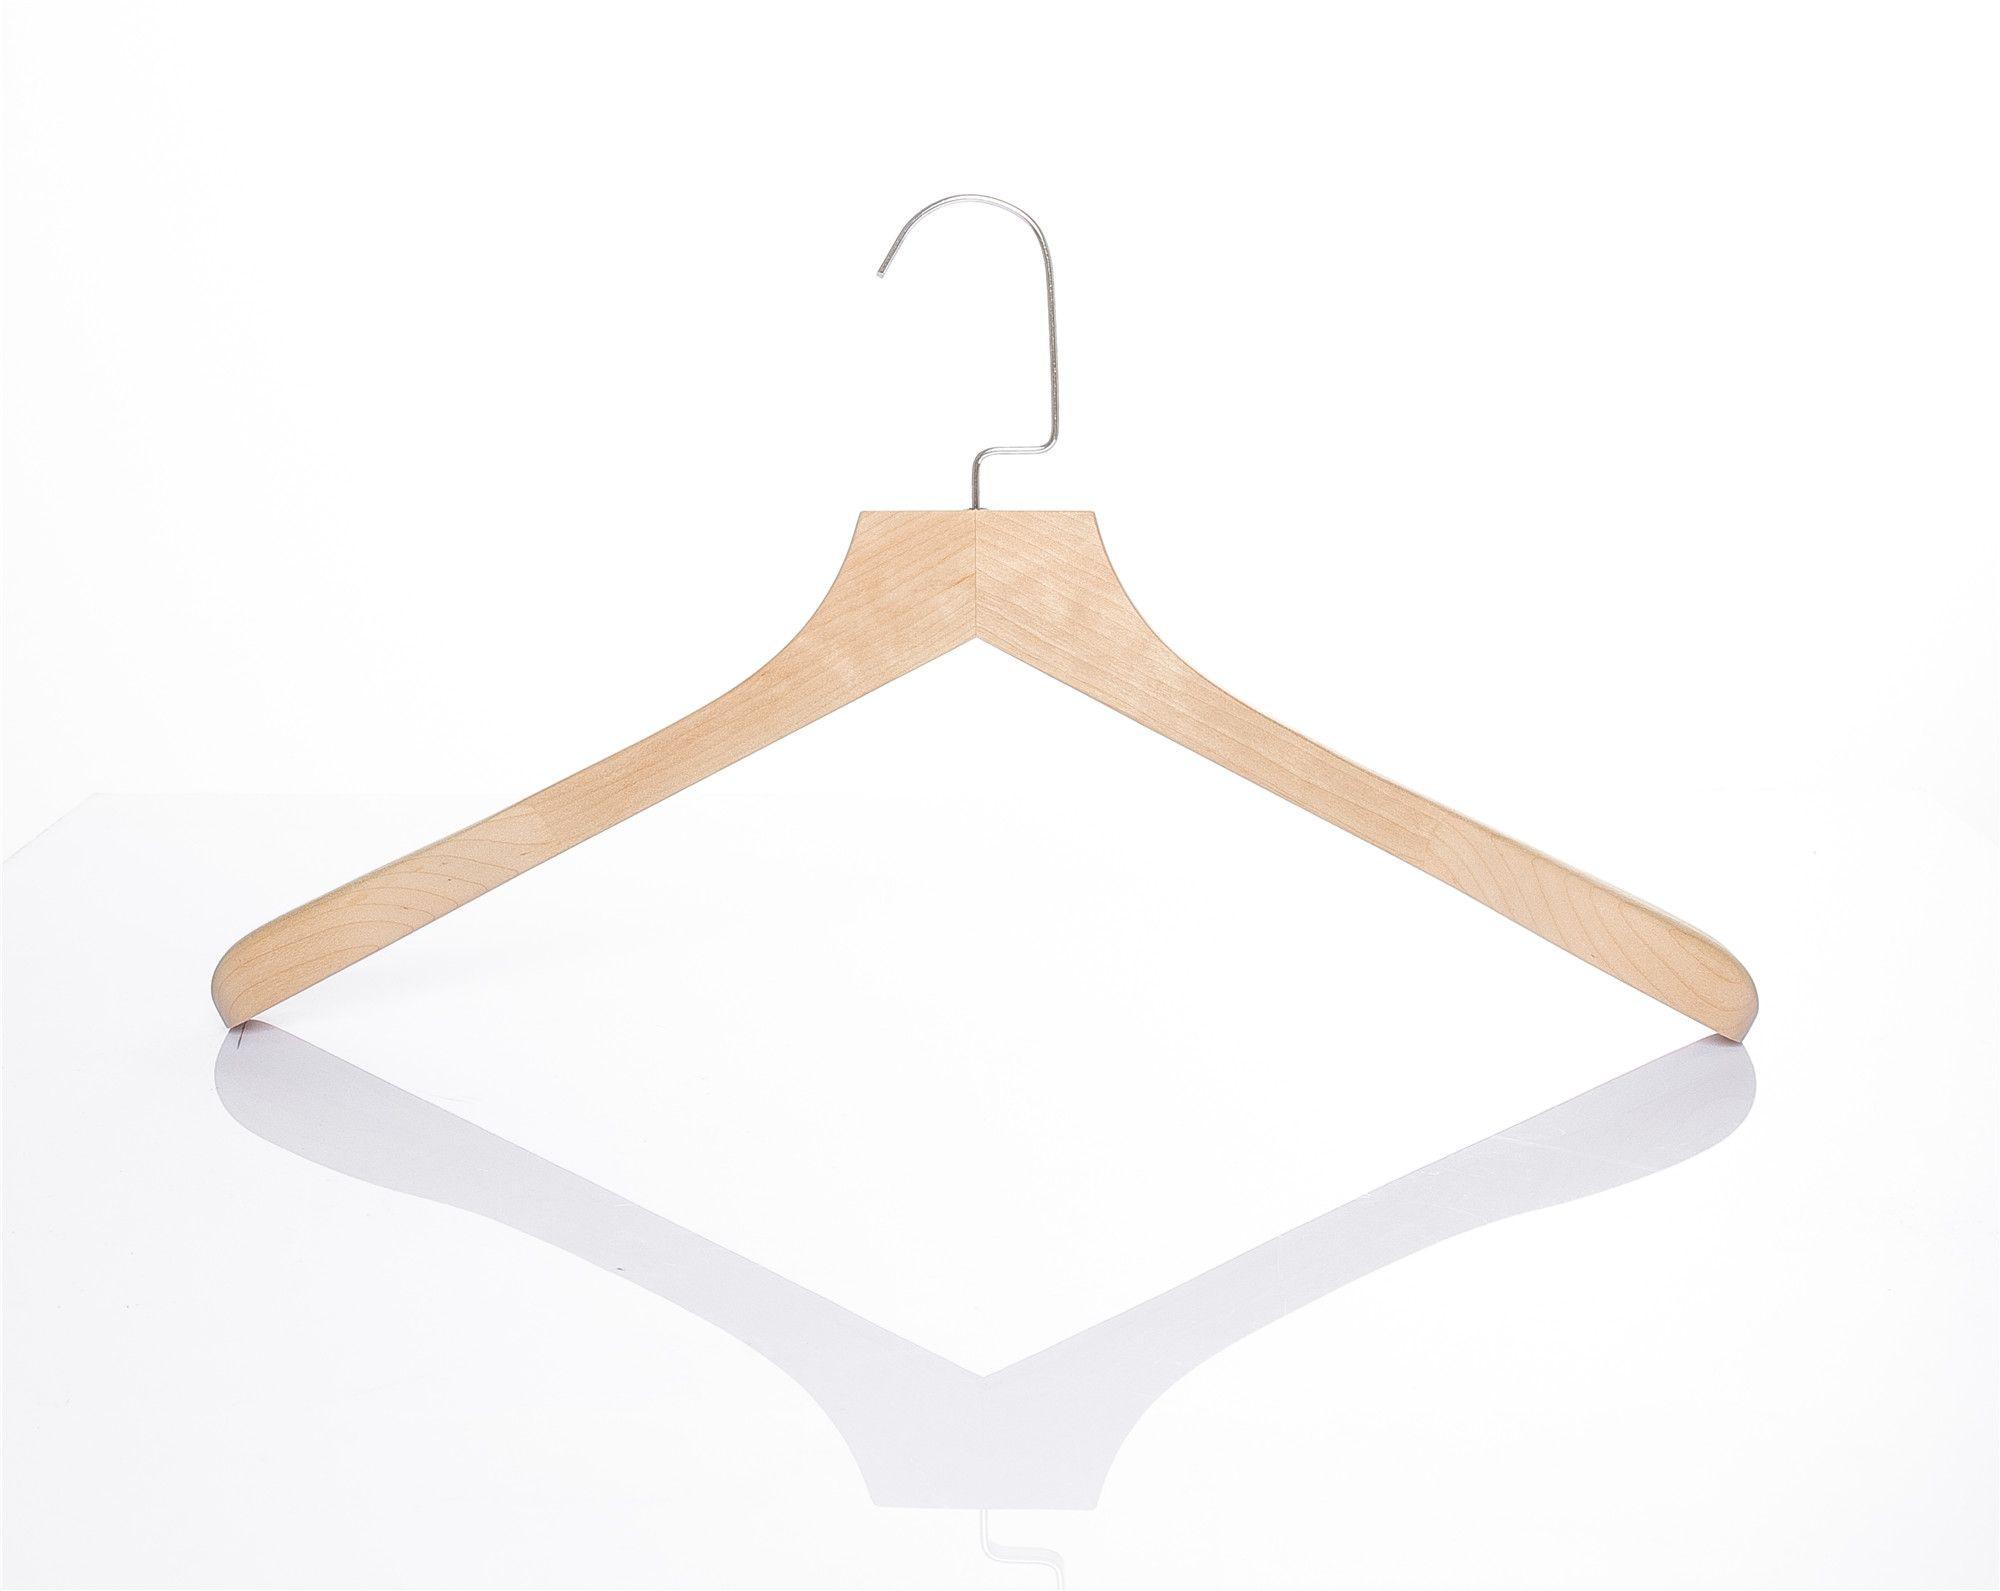 Wooden hanger,coat hanger, jacket hanger